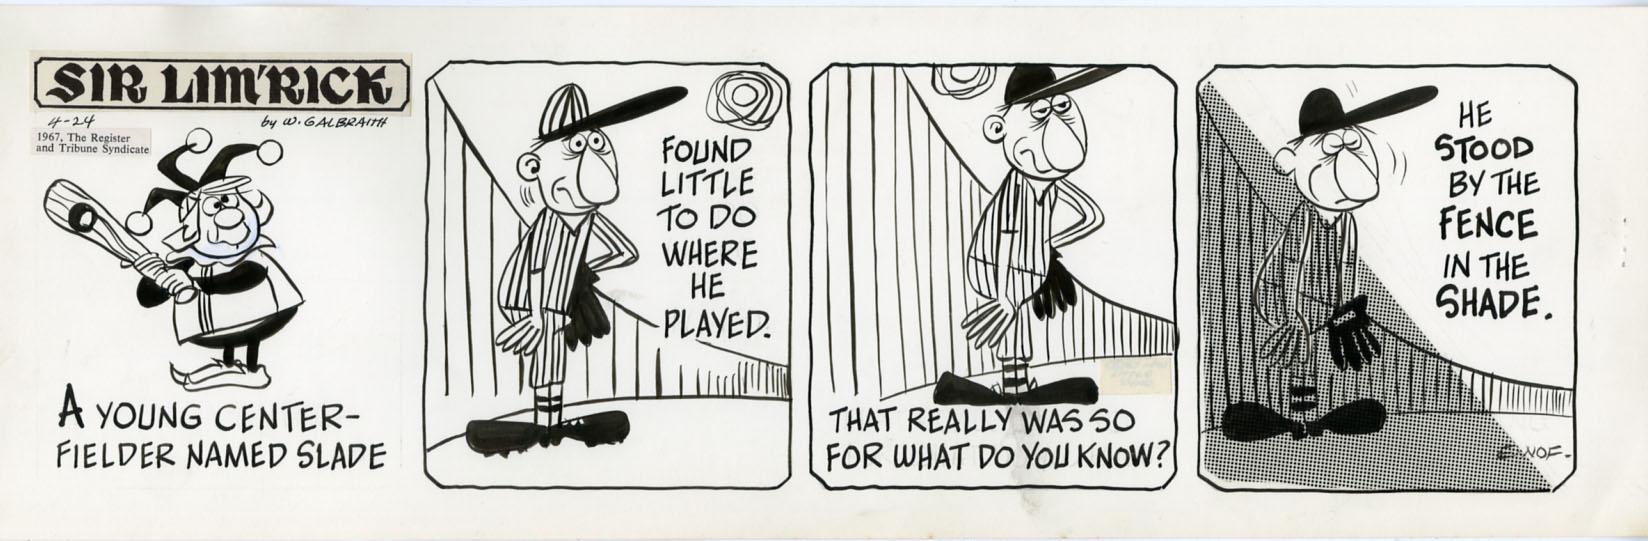 baseball limerick